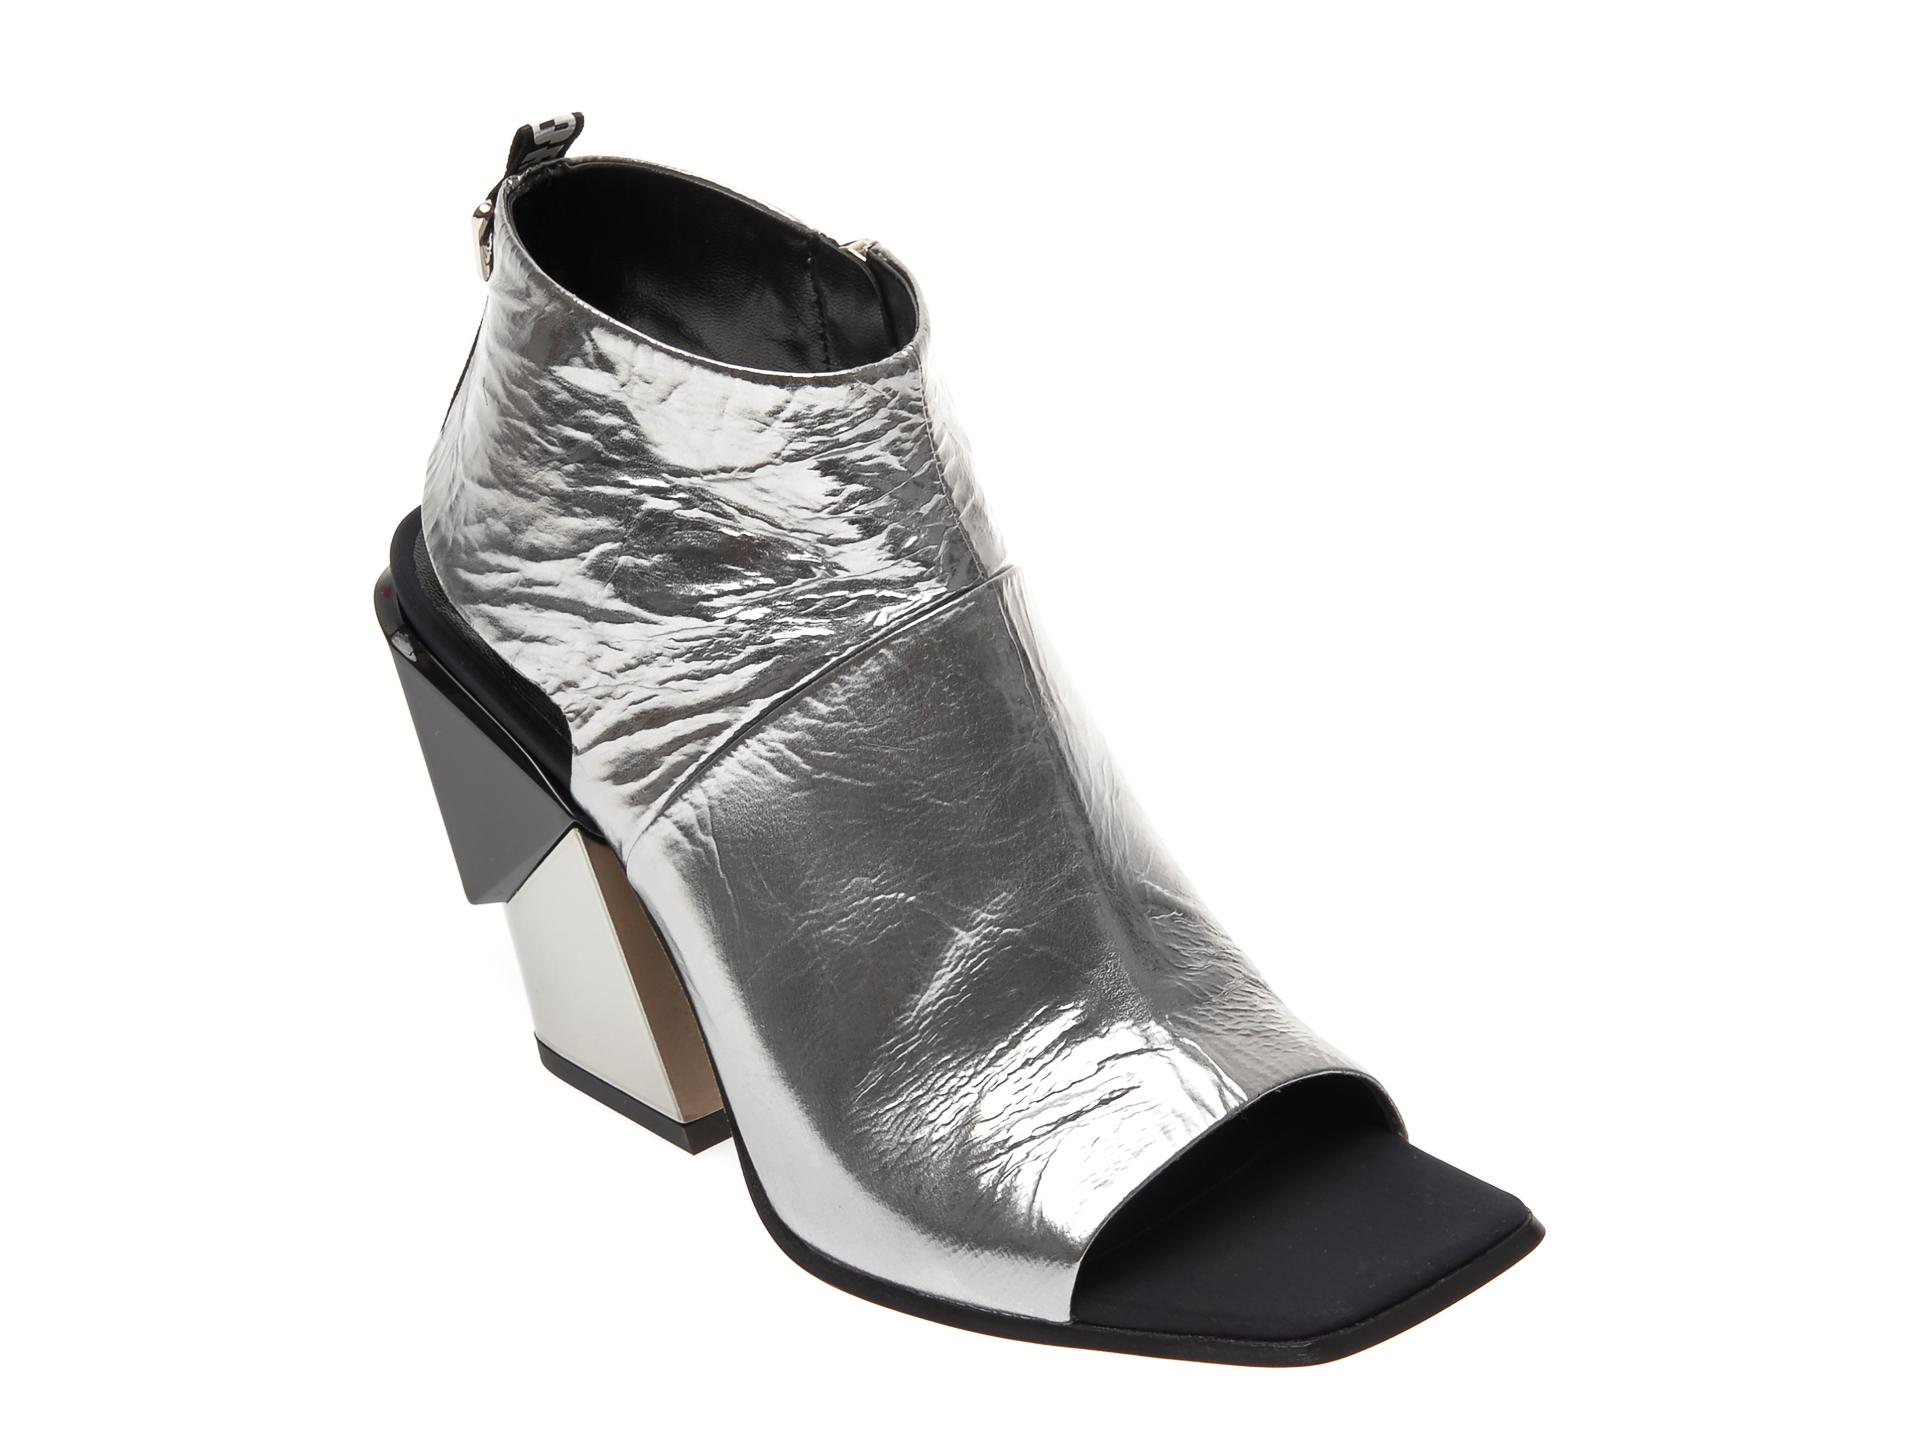 Sandale LORIBLU argintii, 9624, din piele naturala